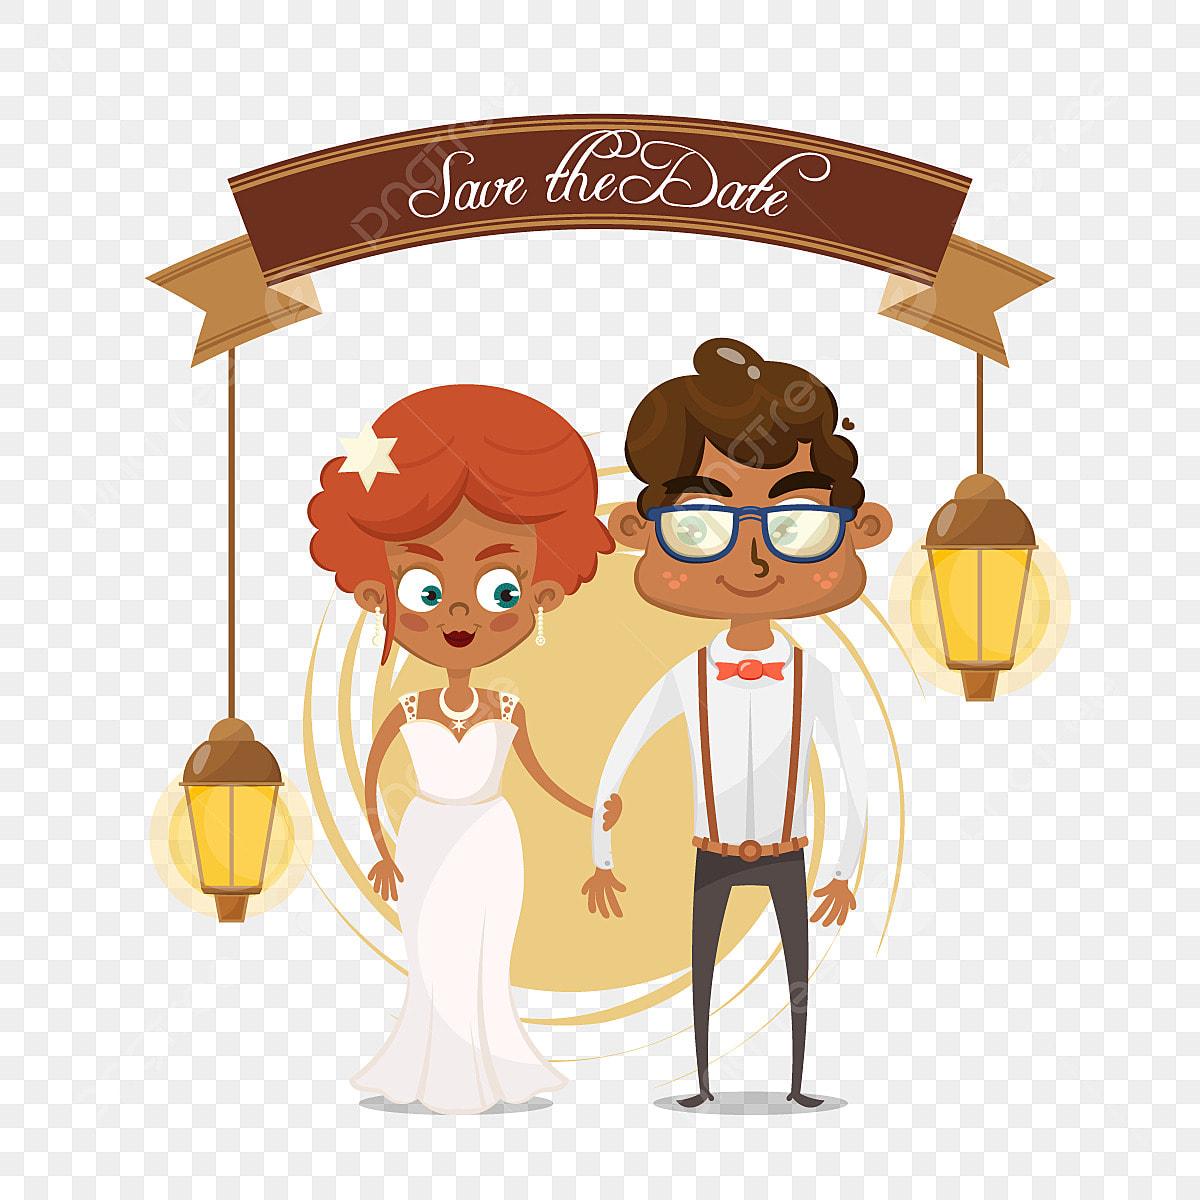 γάμος δεν dating λήψη